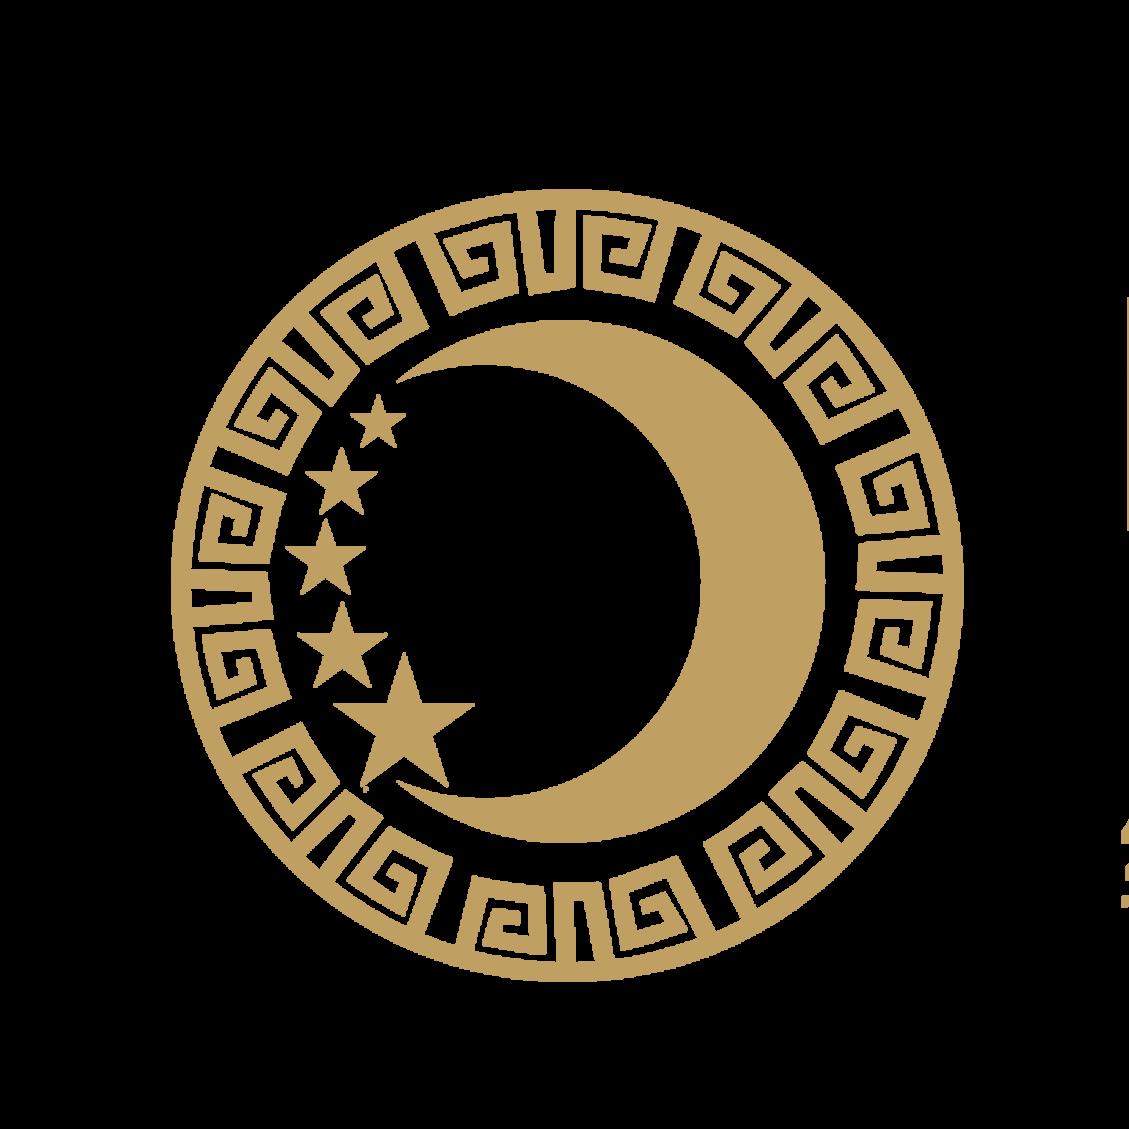 西安晗月酒店管理集团有限公司